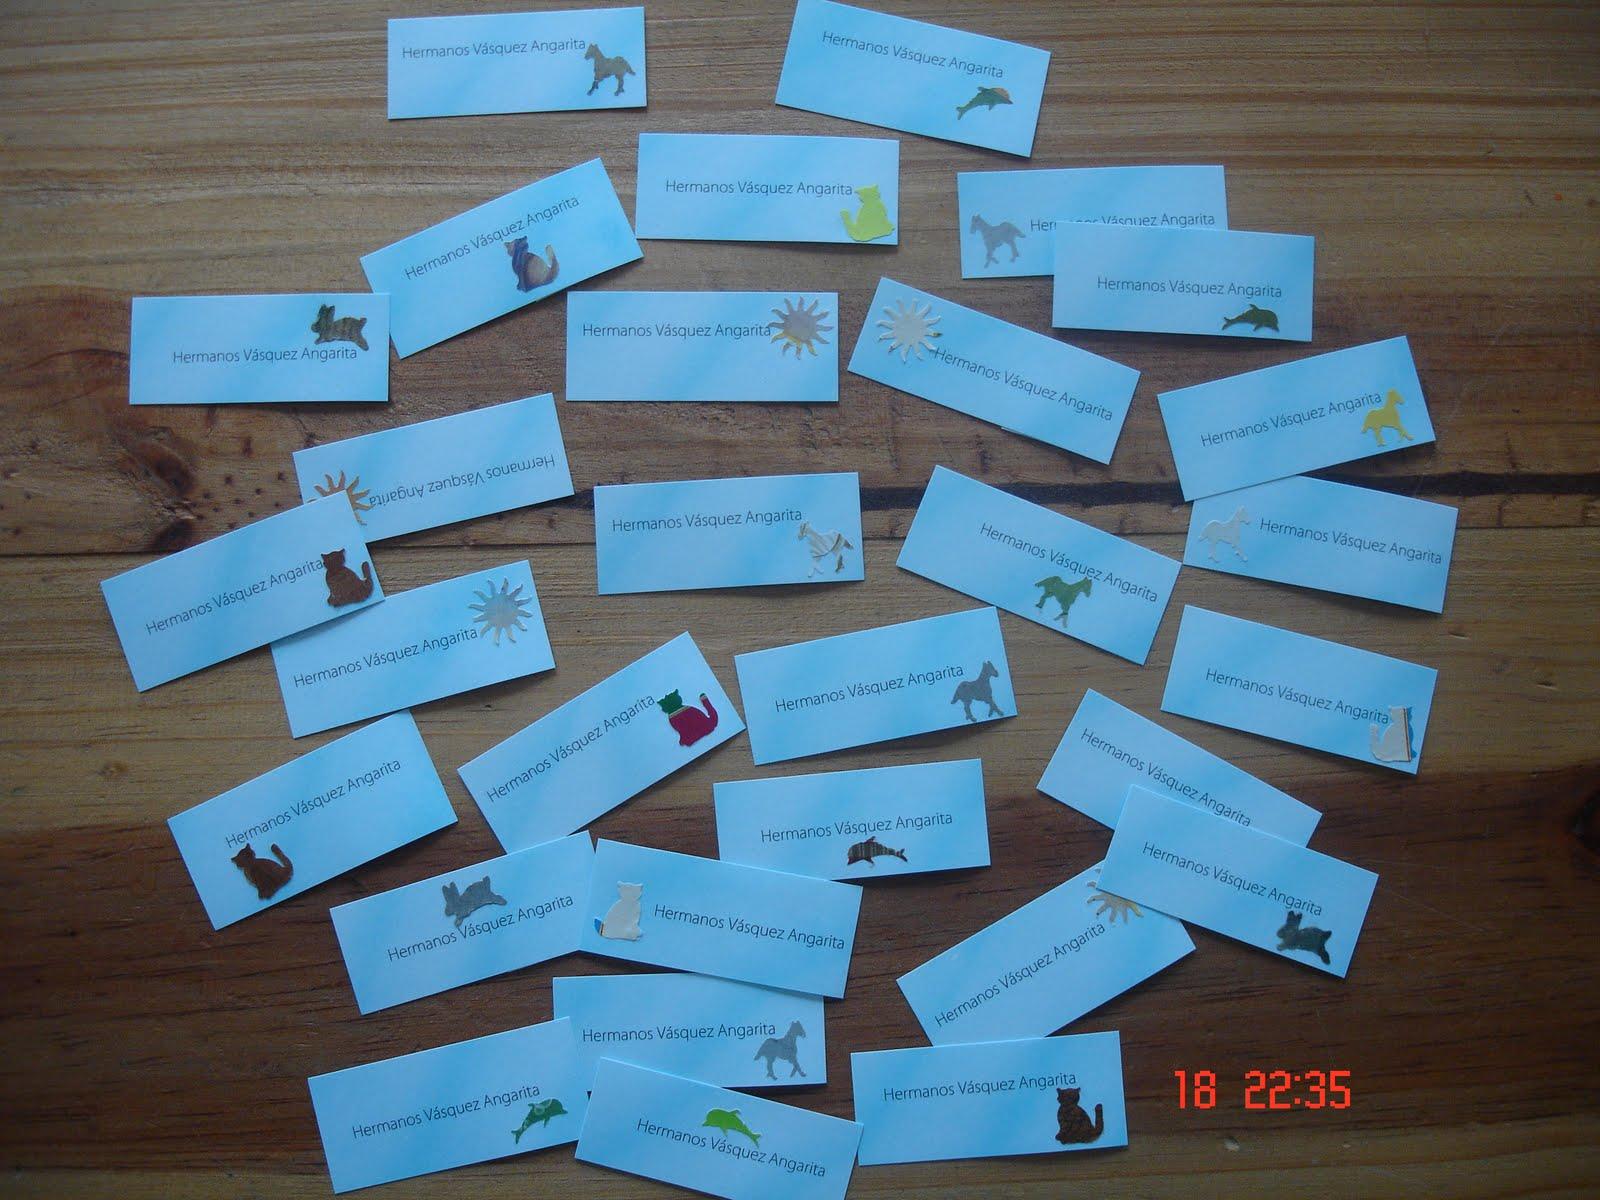 ... ,entreguen sus regalos,esto irán con sus tarjetas personalizadas